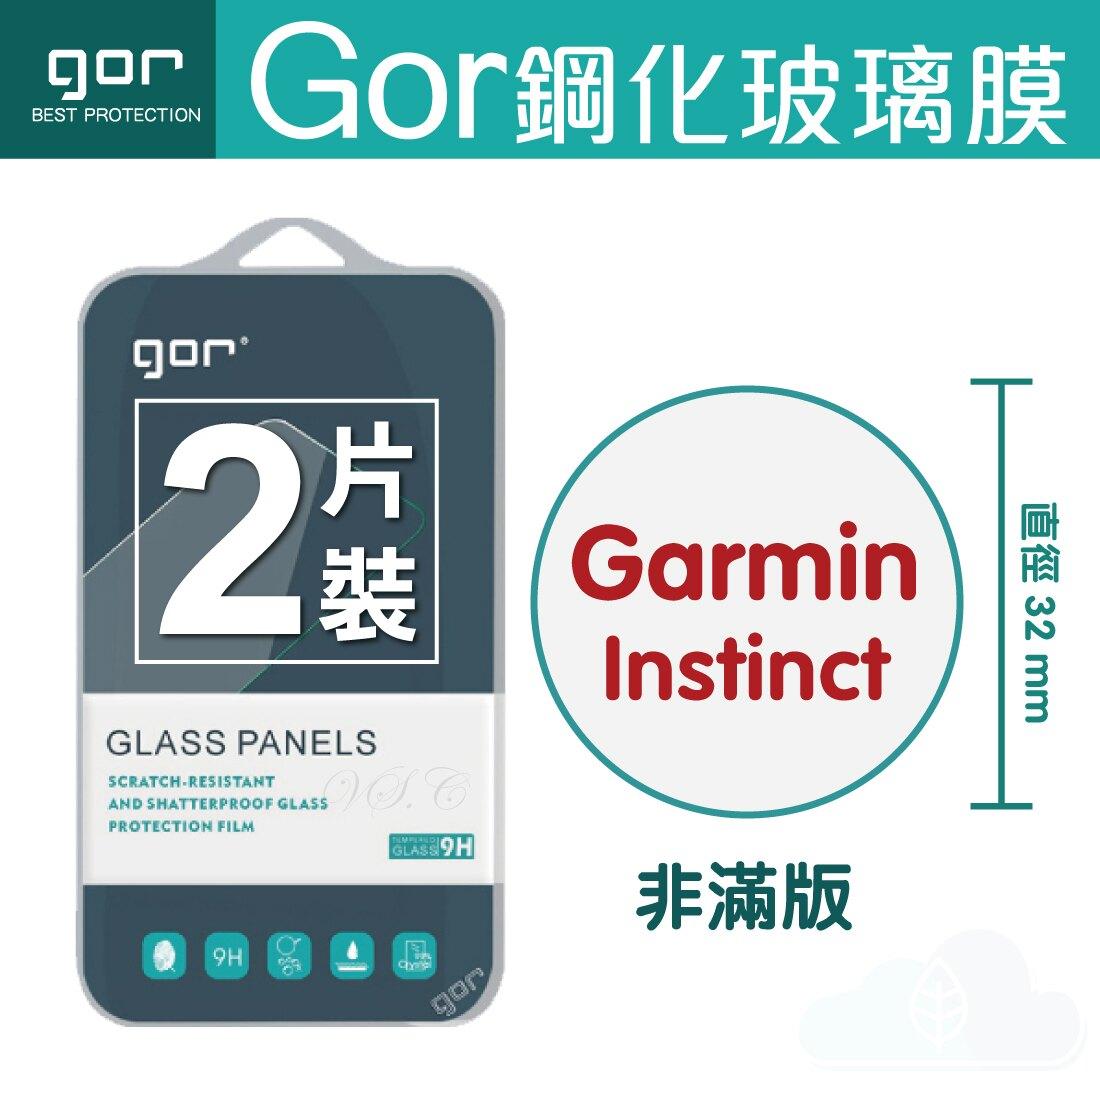 GOR 9H Garmin Instinct 手錶玻璃 鋼化 保護貼 膜 佳明 運動手錶 【全館滿299免運】。人氣店家種子雲手機配件小舖的Gor 保護貼專區、玻璃保護貼 - 手錶專區、Garmin有